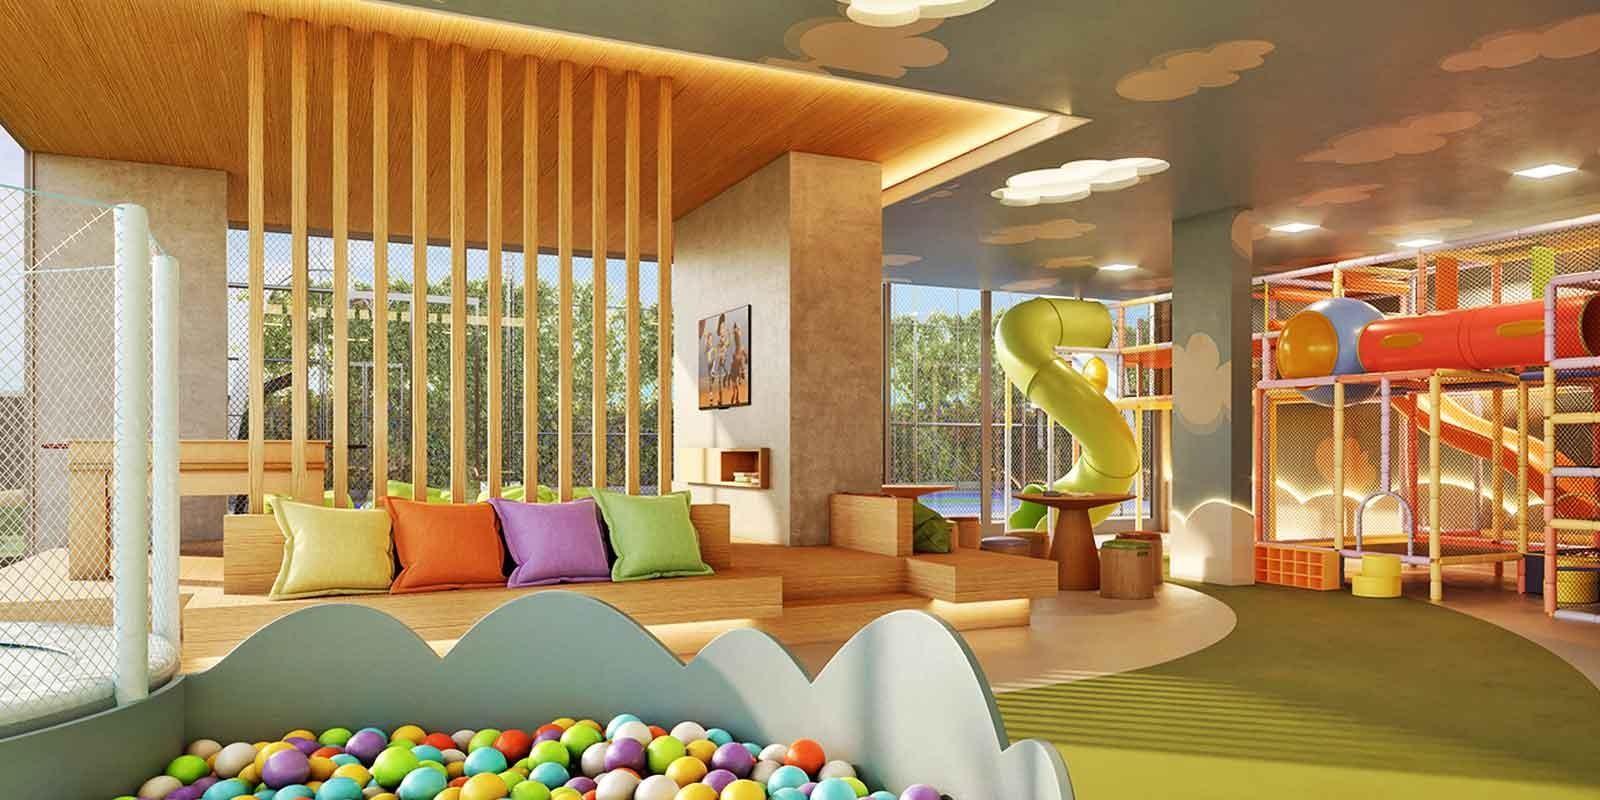 TPS Imóveis - Veja Foto 10 de 20 do Lindos Apartamentos com 3 Suítes Perto da Natureza